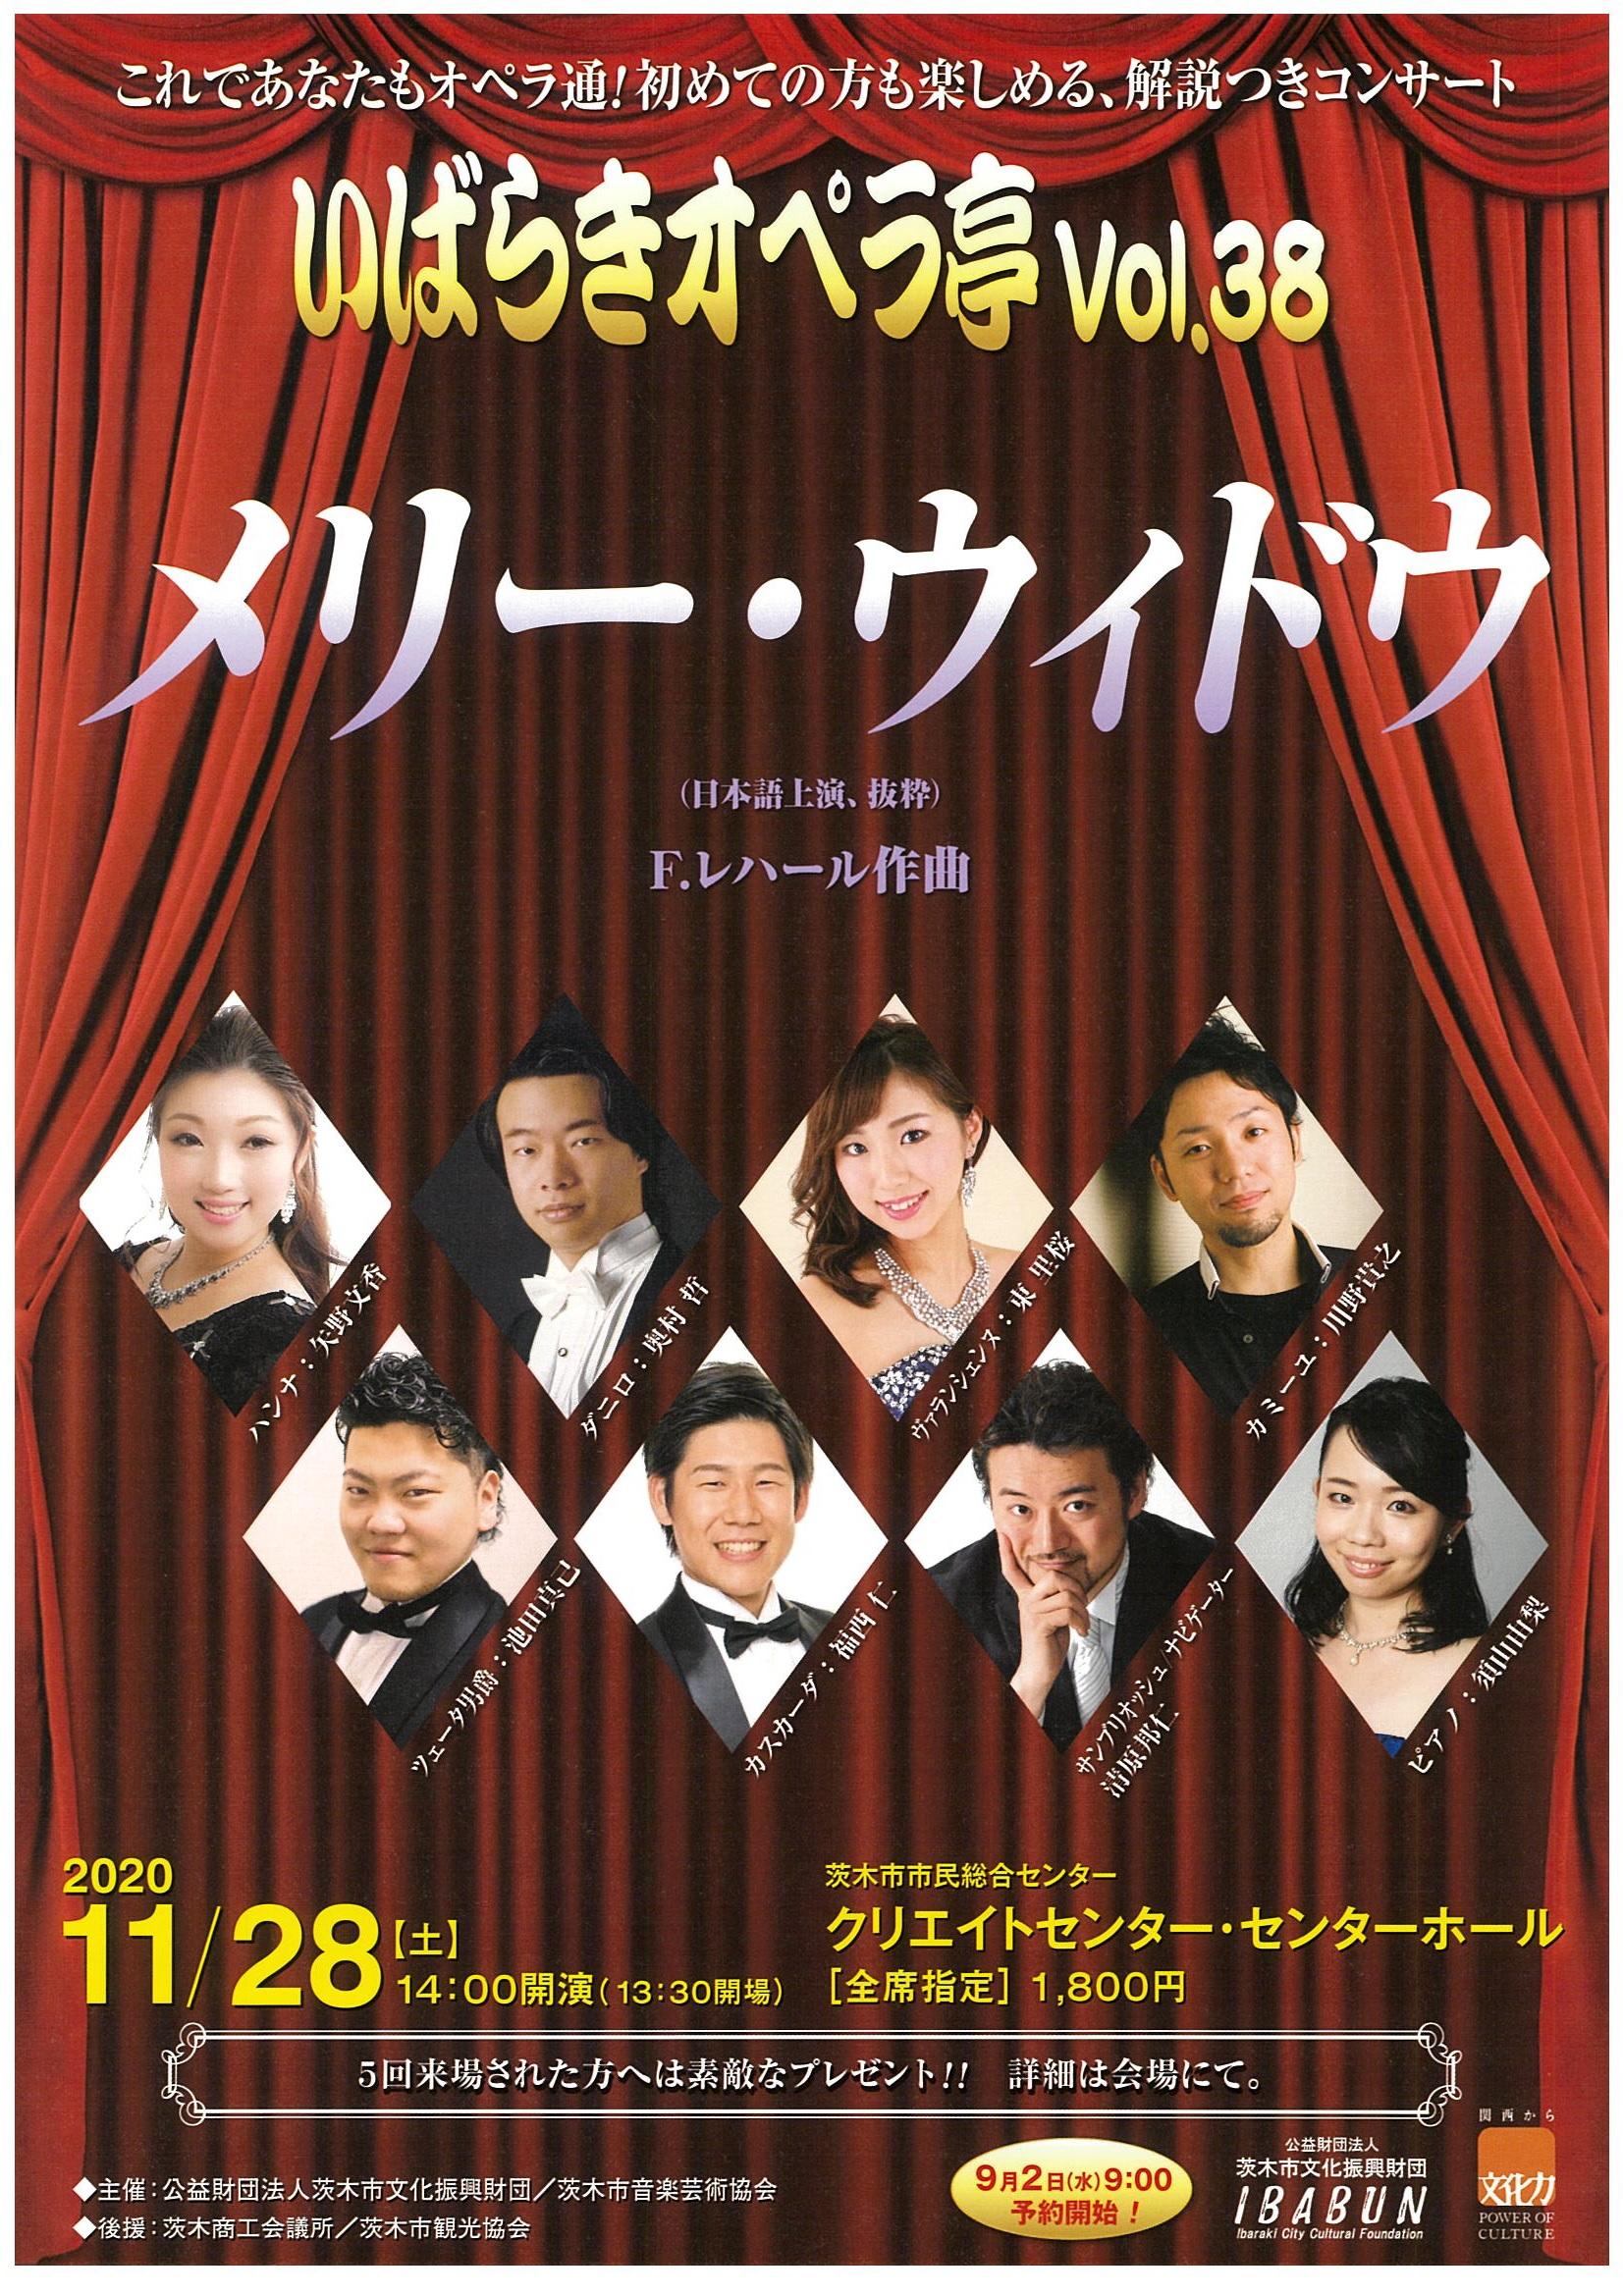 いばらきオペラ亭Vol.38メリー・ウィドウ